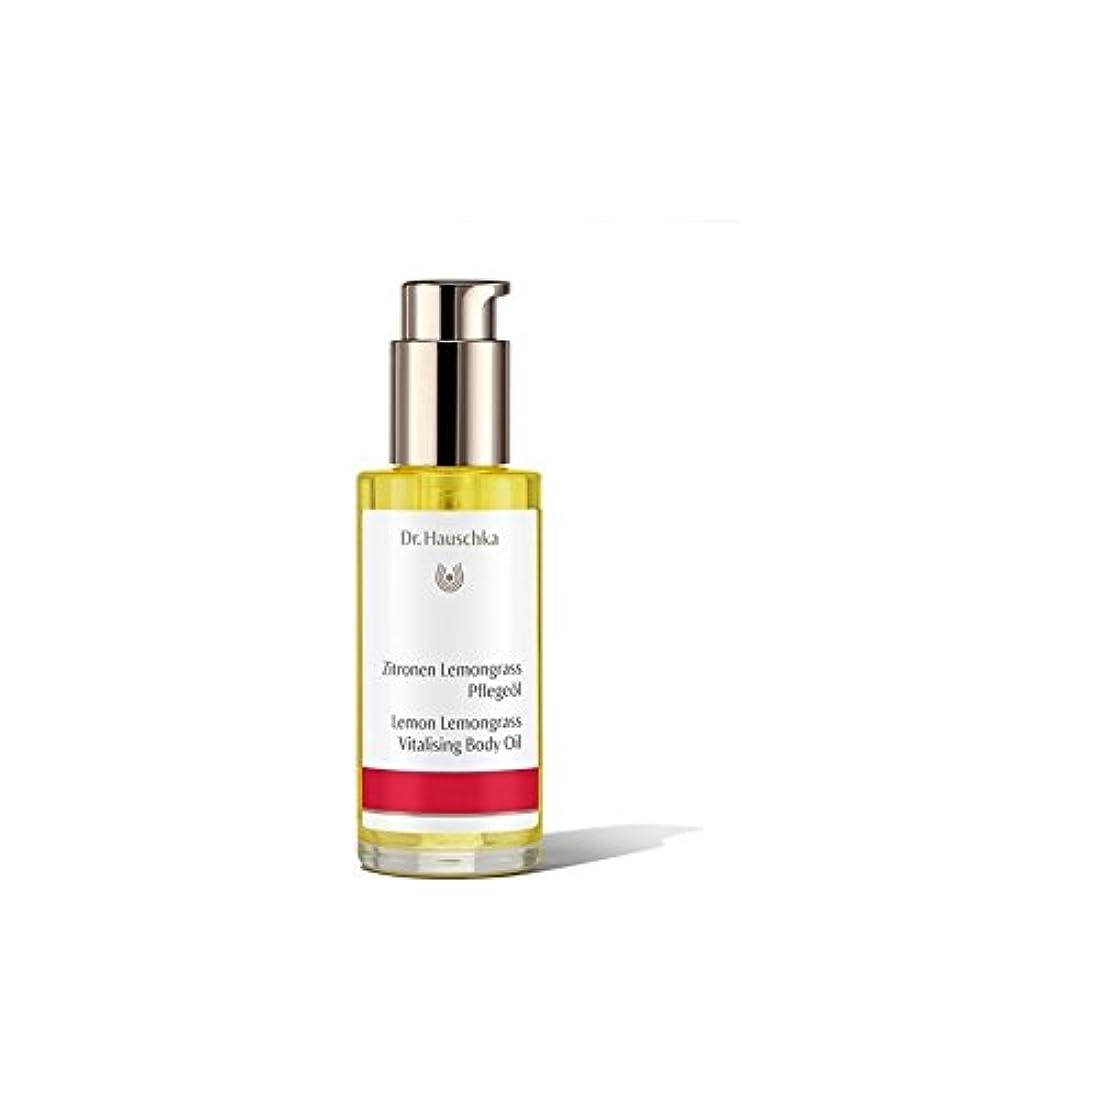 移動あたたかいパスポートDr. Hauschka Lemon Lemongrass Vitalising Body Oil (75ml) - ハウシュカレモンレモングラスボディオイル(75ミリリットル) [並行輸入品]